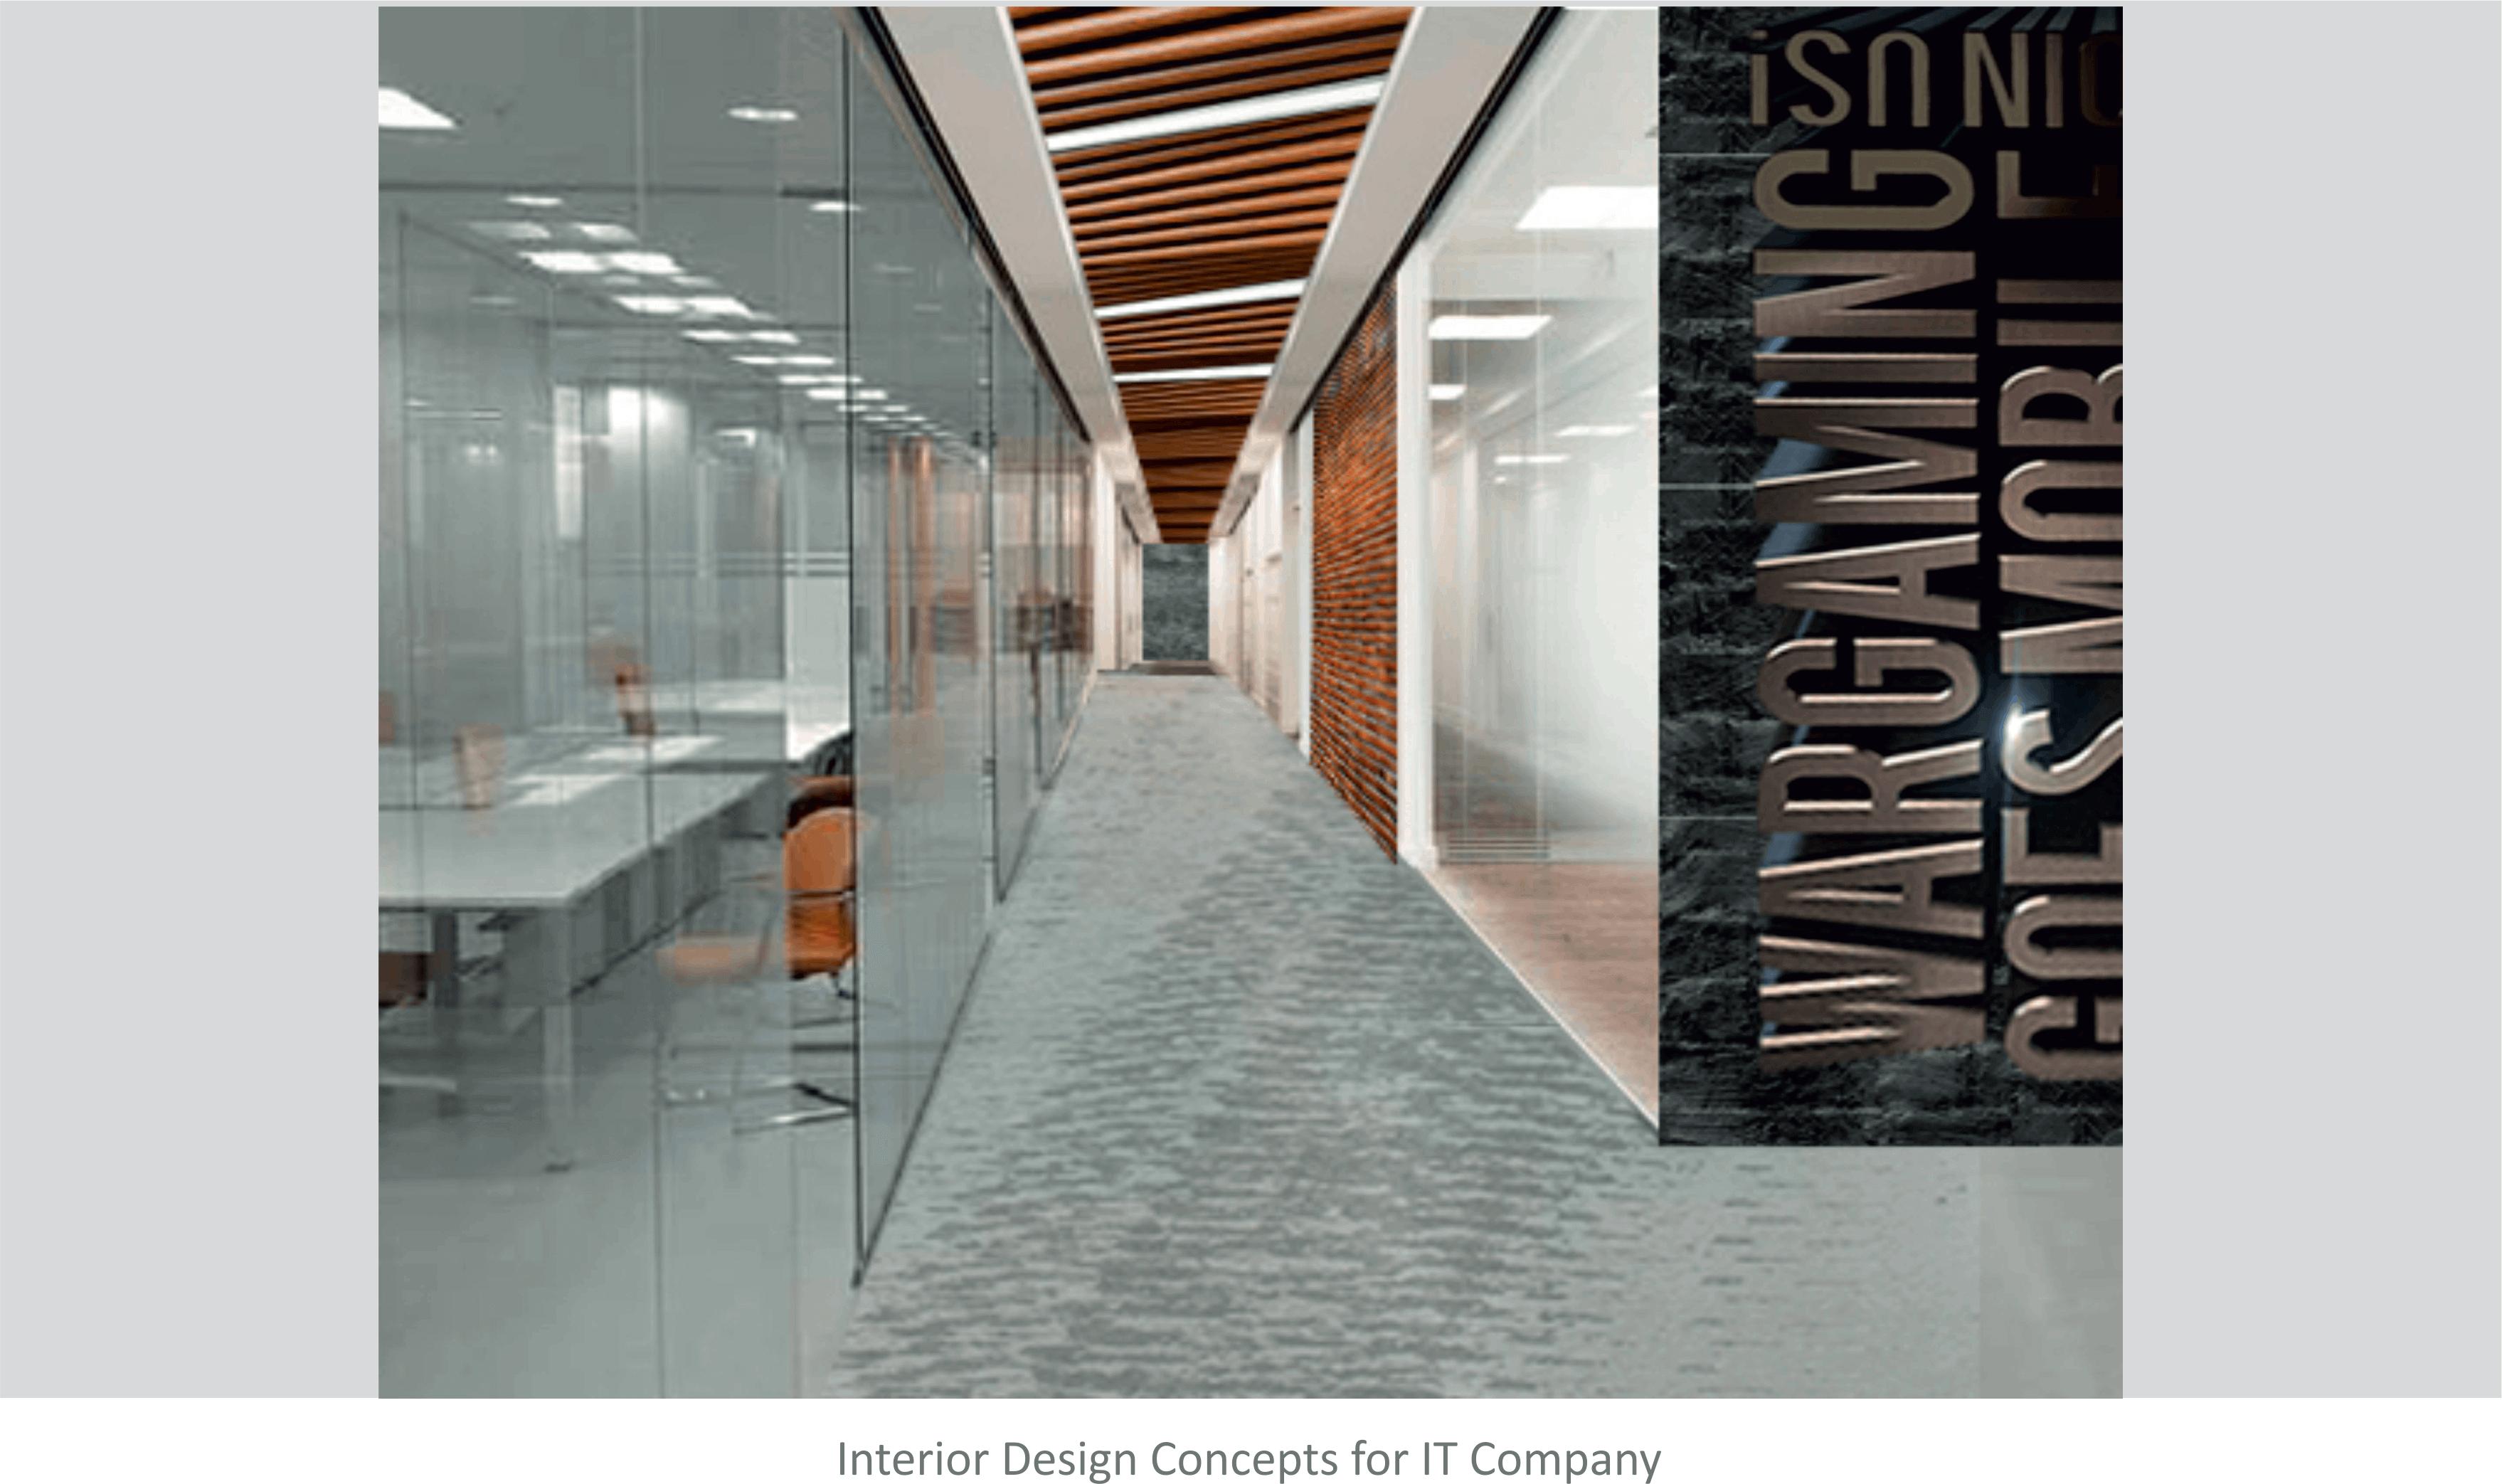 it-company-interior-design-concept-4